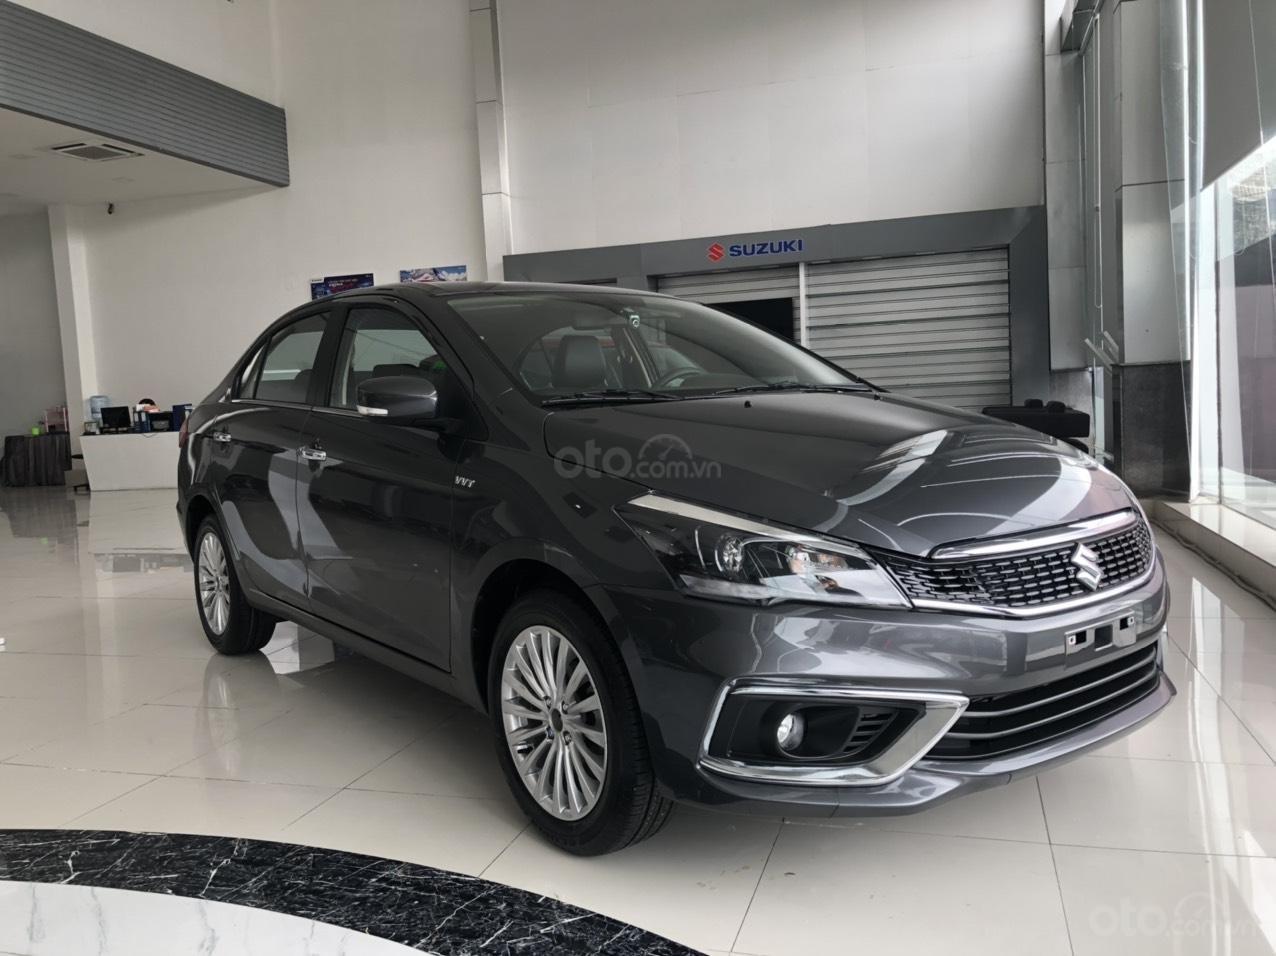 Suzuki Ciaz 2021 giá tốt nhất miền Nam - ưu đãi tiền mặt 35tr - Hỗ trợ giảm 50% thuế trước bạ (1)